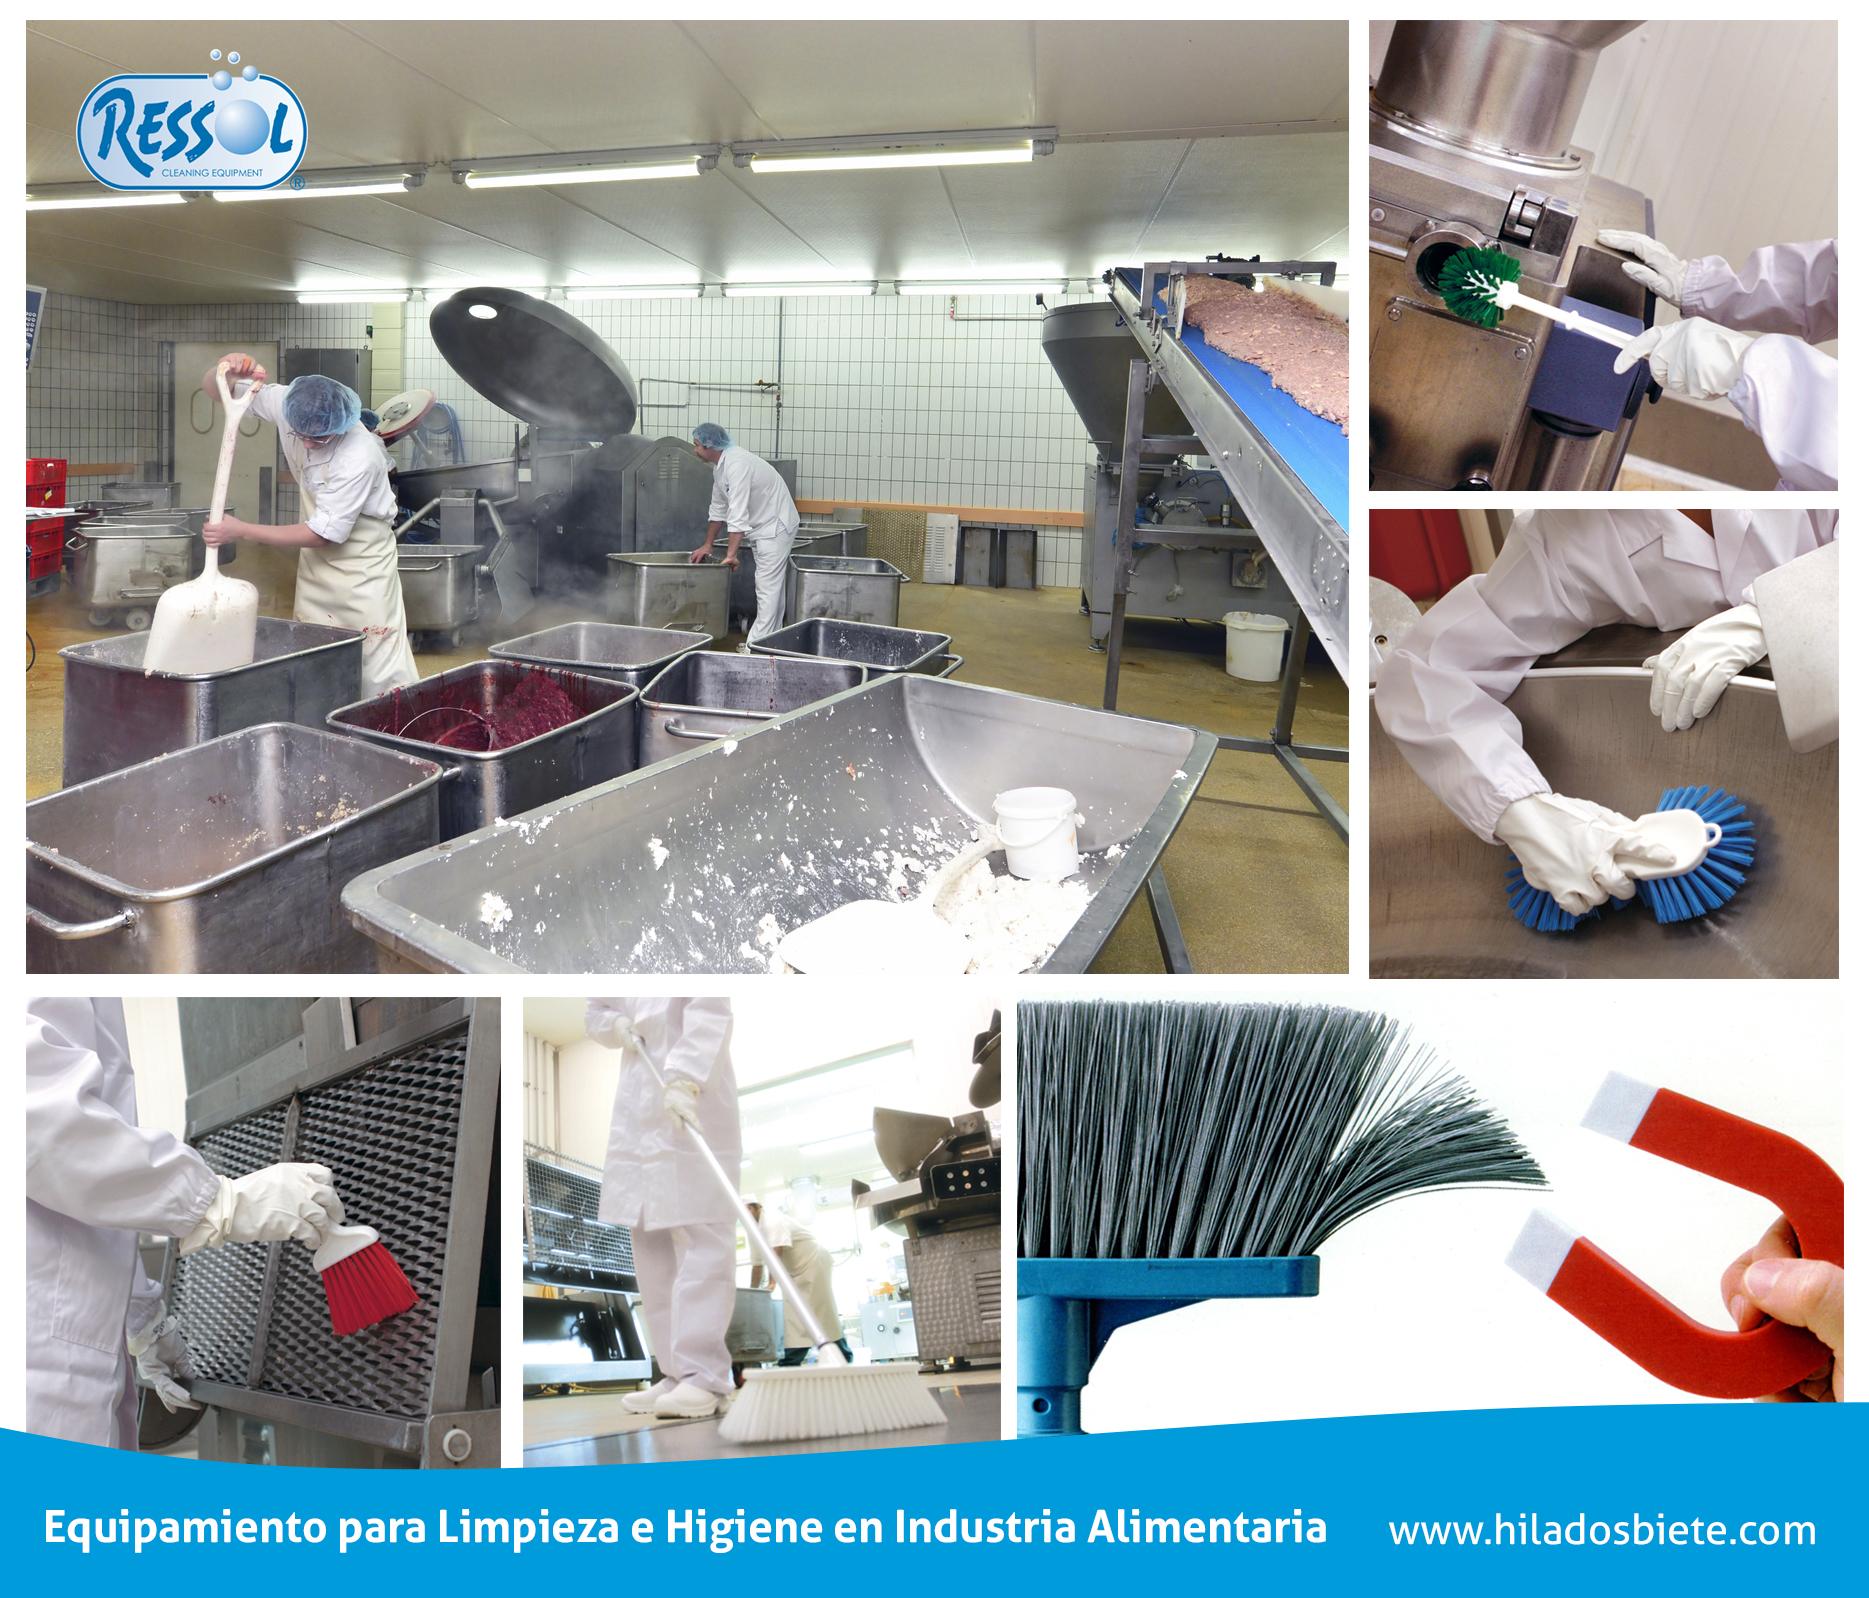 B sicos de limpieza para la cumplir con la higiene de la for Manual de limpieza y desinfeccion en industria alimentaria